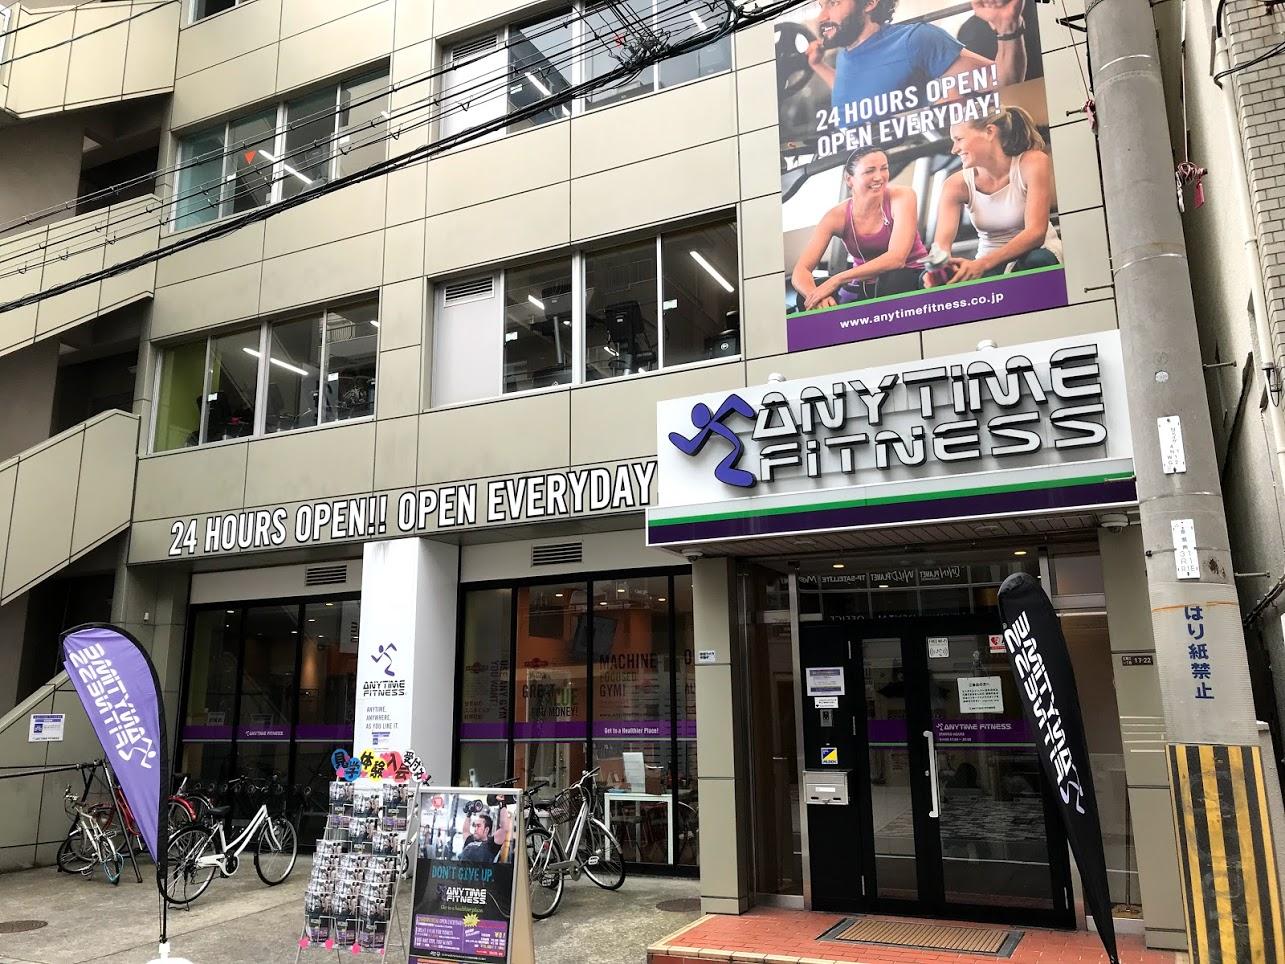 【24時間ジム】エニタイム・フィットネス西大橋店に行ってきました!&筋トレ日誌(脚・腹メニュー)